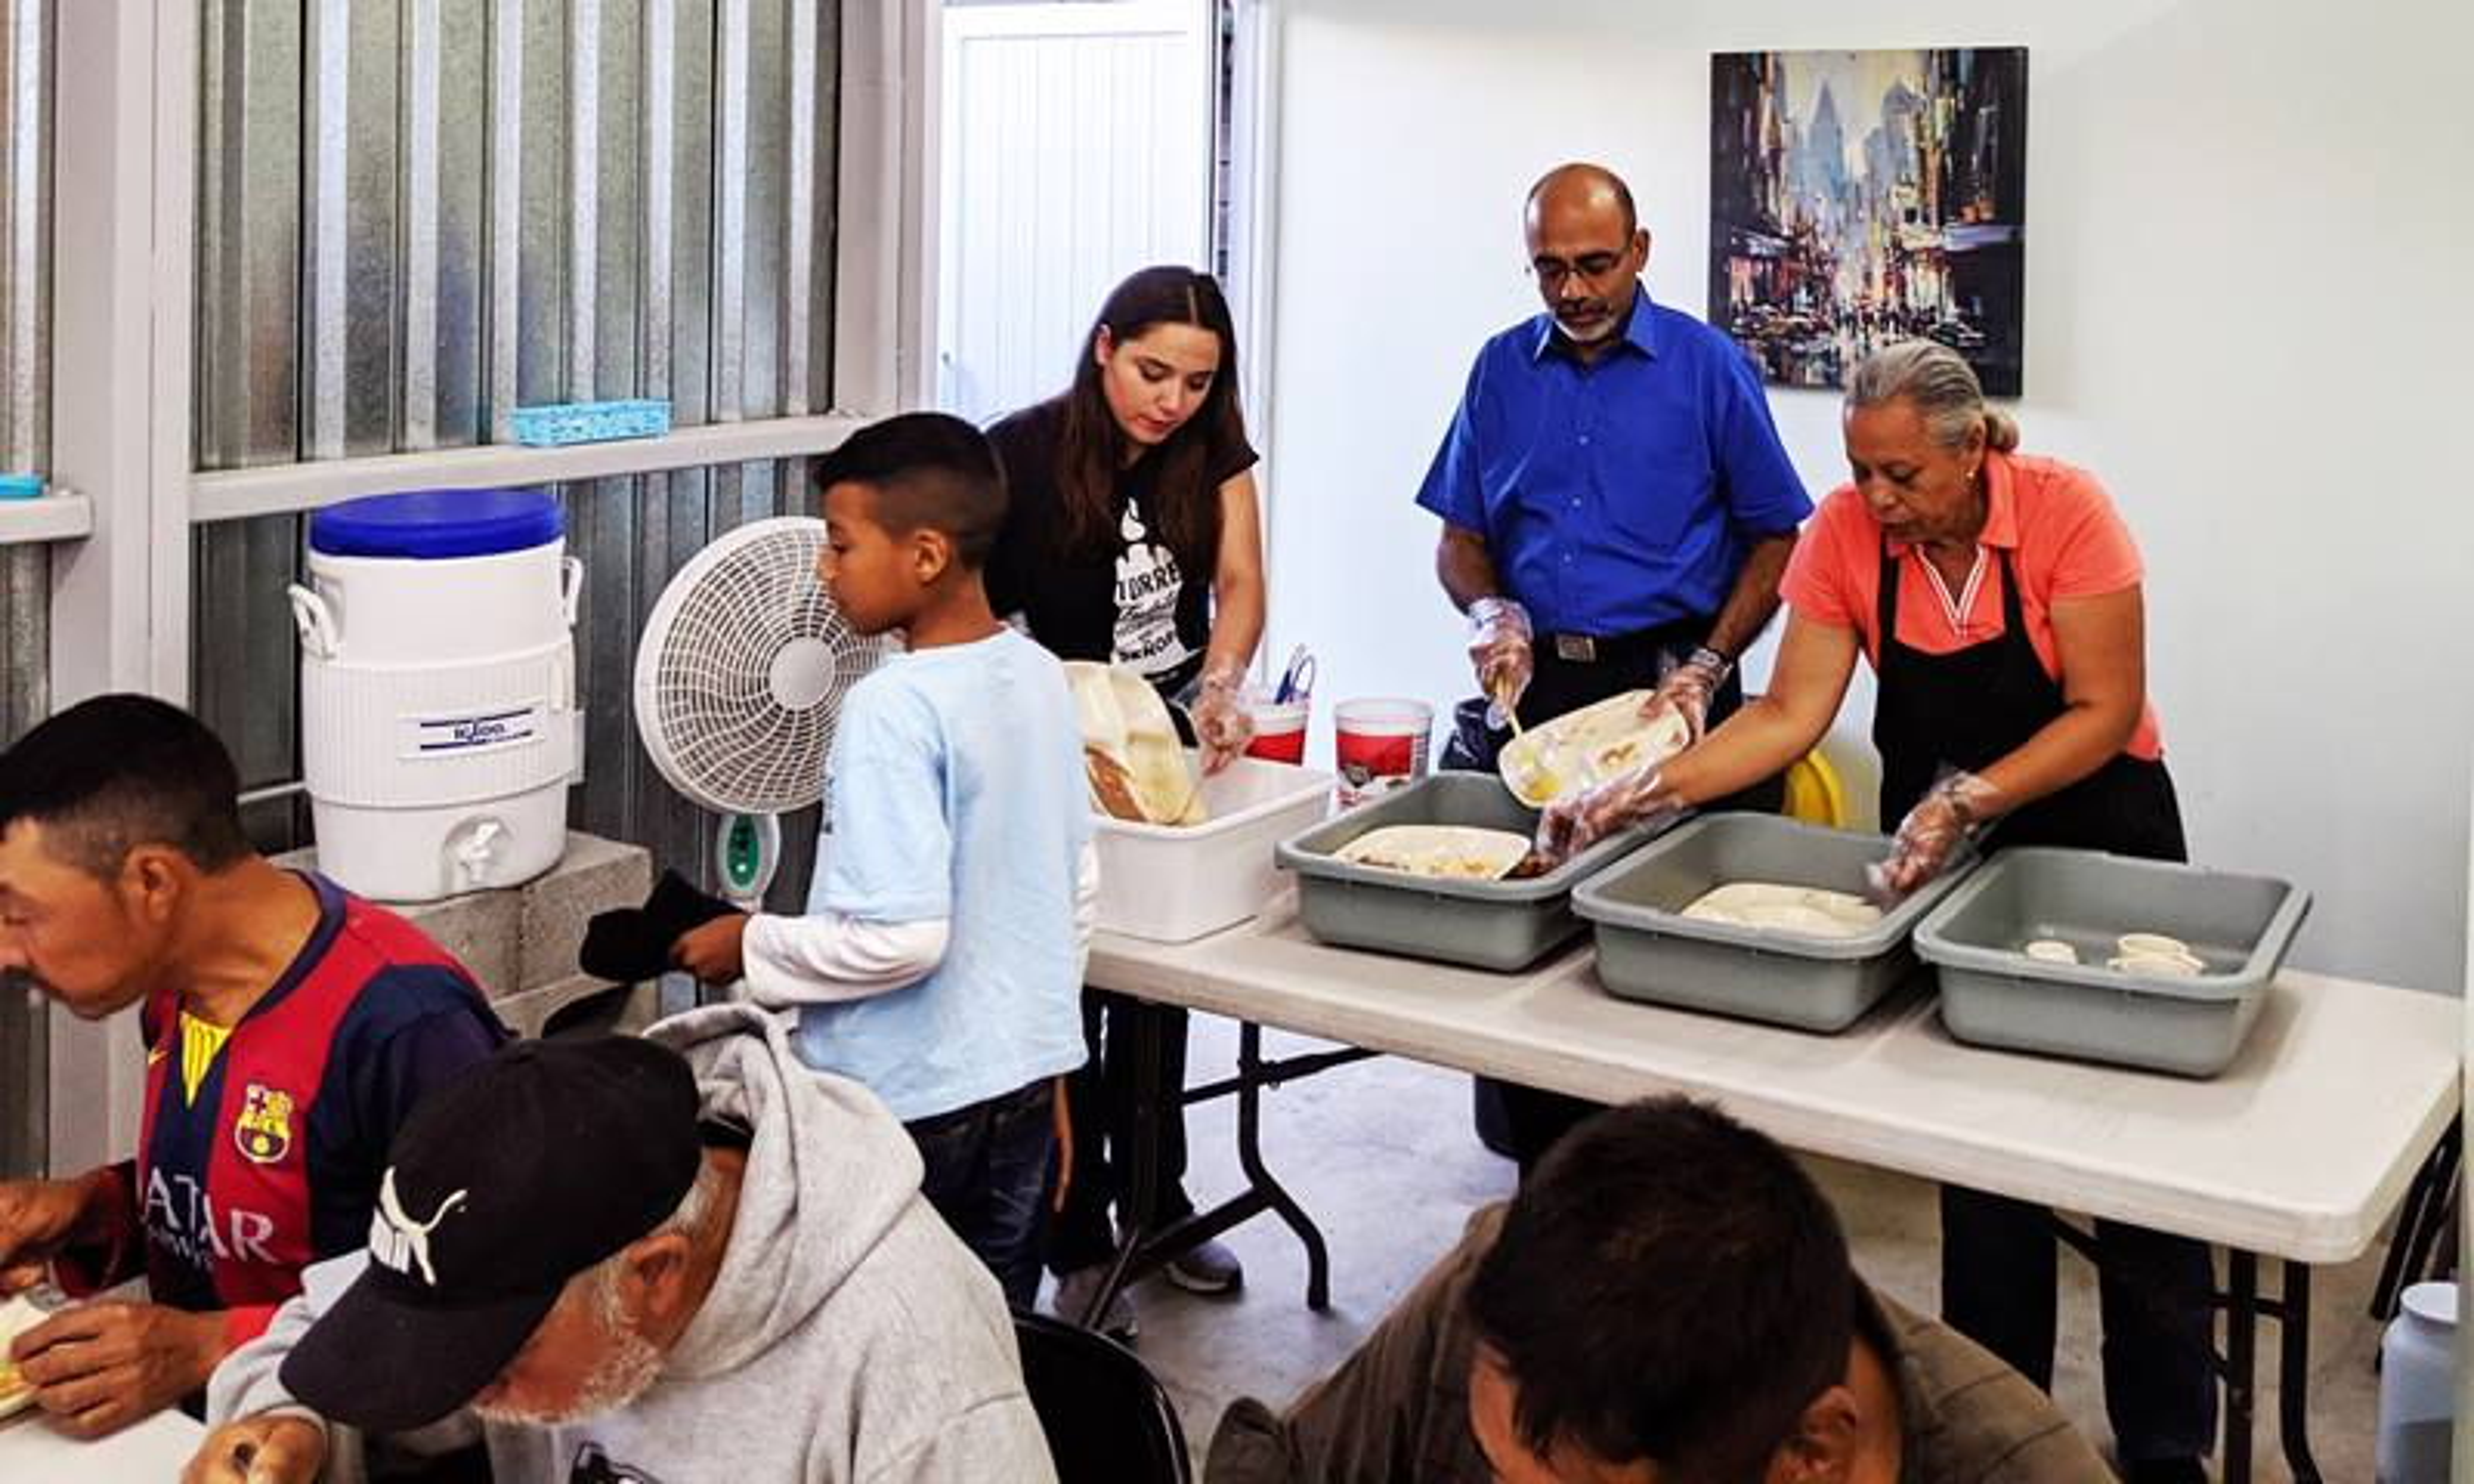 Roland Fernandes (al centro en la fila de atrás) trabaja con voluntarios/as mexicanos/as y estadounidenses en el Comedor Juan 6: 35, una cocina en Tijuana que proporciona comidas a los/as migrantes que llegan. Foto de Mia Nieves.